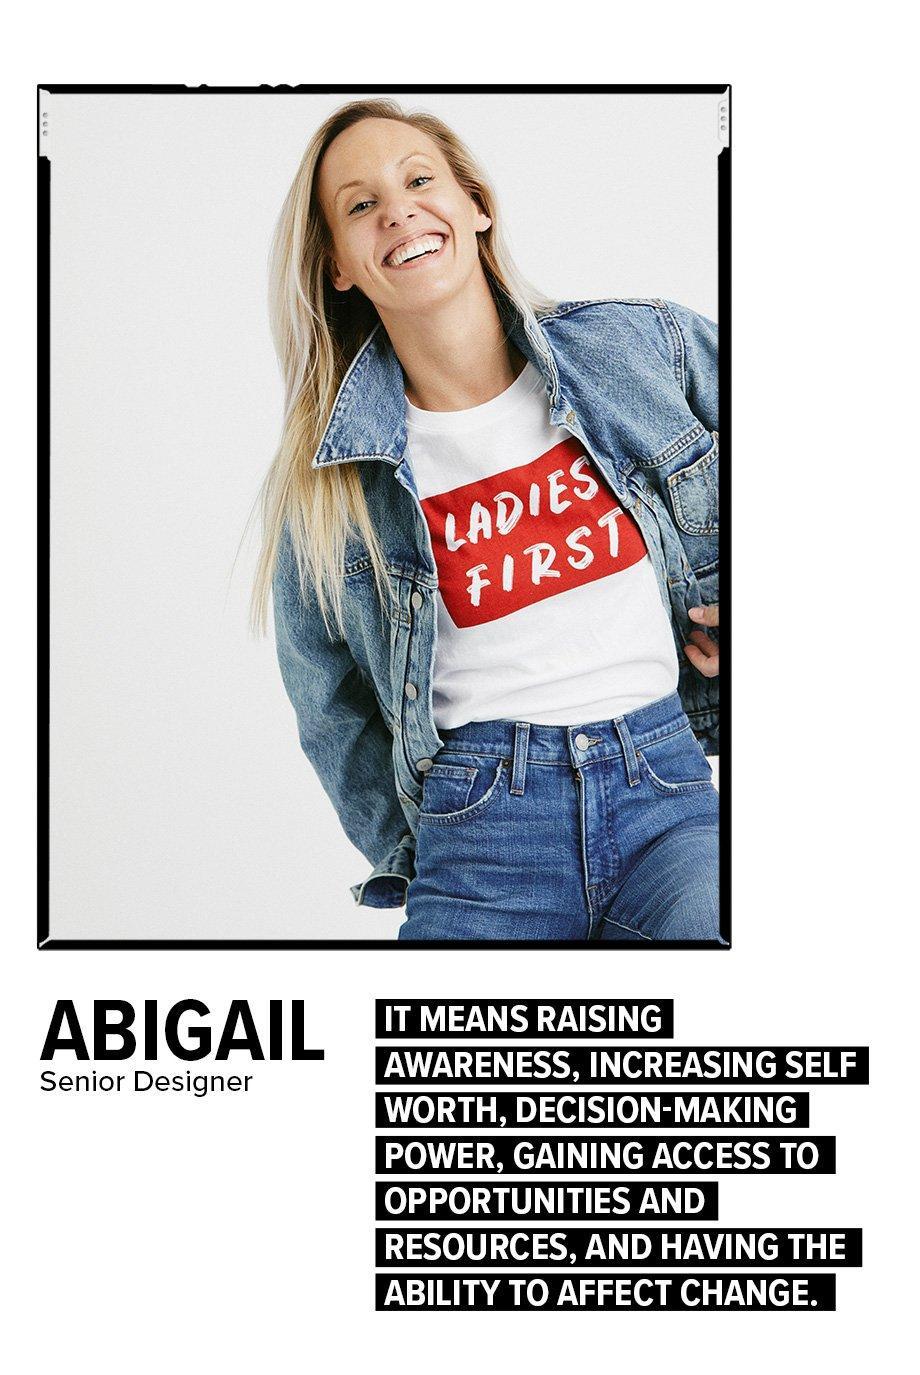 Abigail - Senior Designer